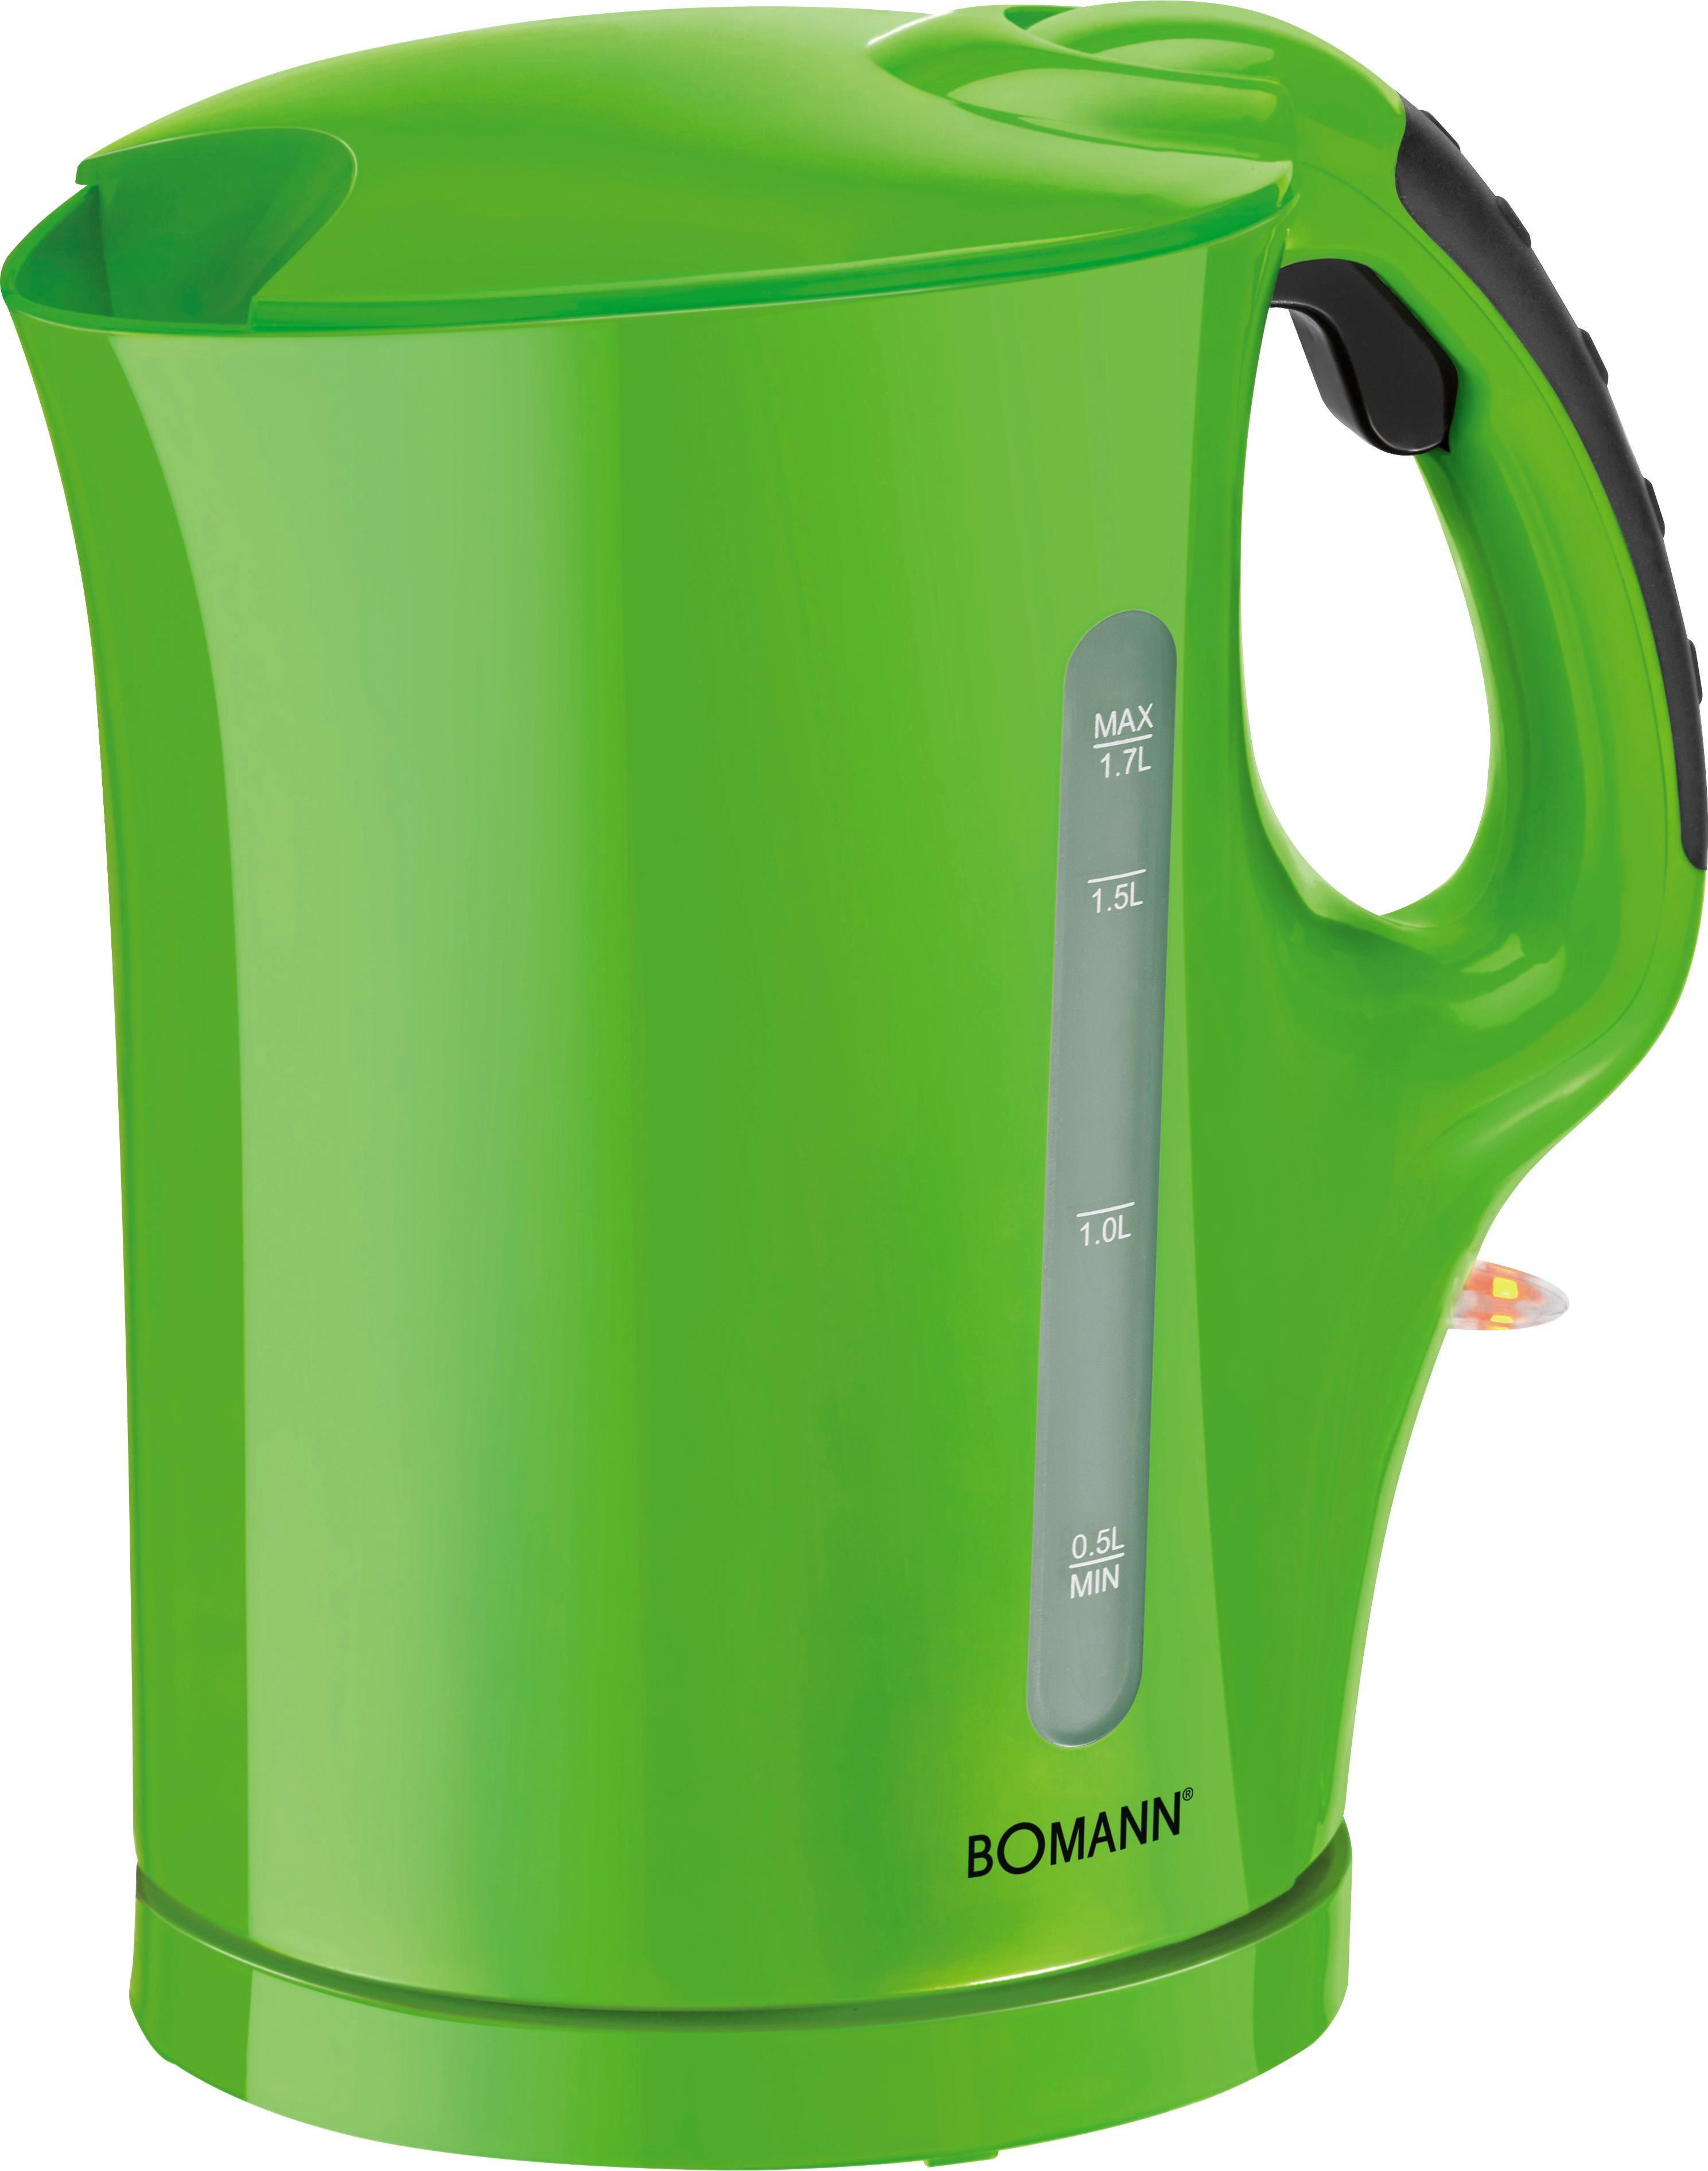 Vízforraló Colour - zöld, műanyag (22,0/25,5/14,0cm) - BOMANN